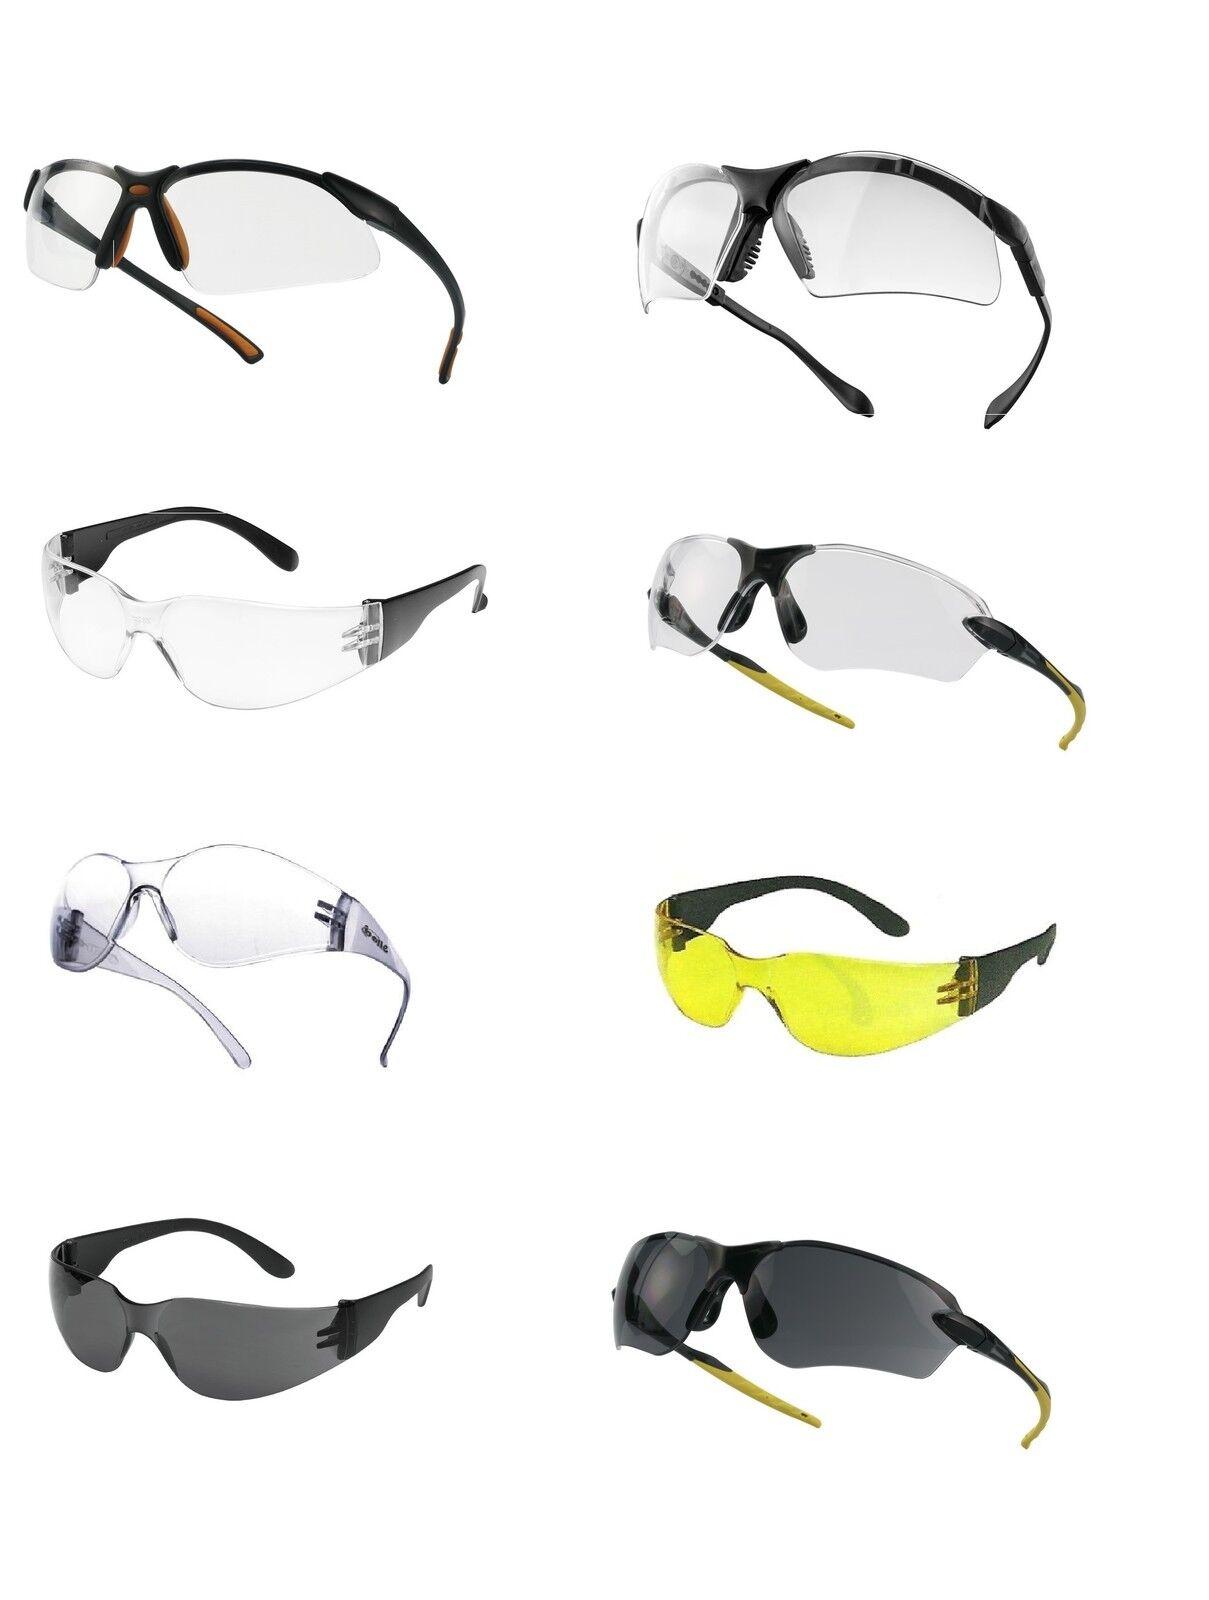 Sportliche Schutzbrille - Sportbrille - Fahrradbrille - Radbrille